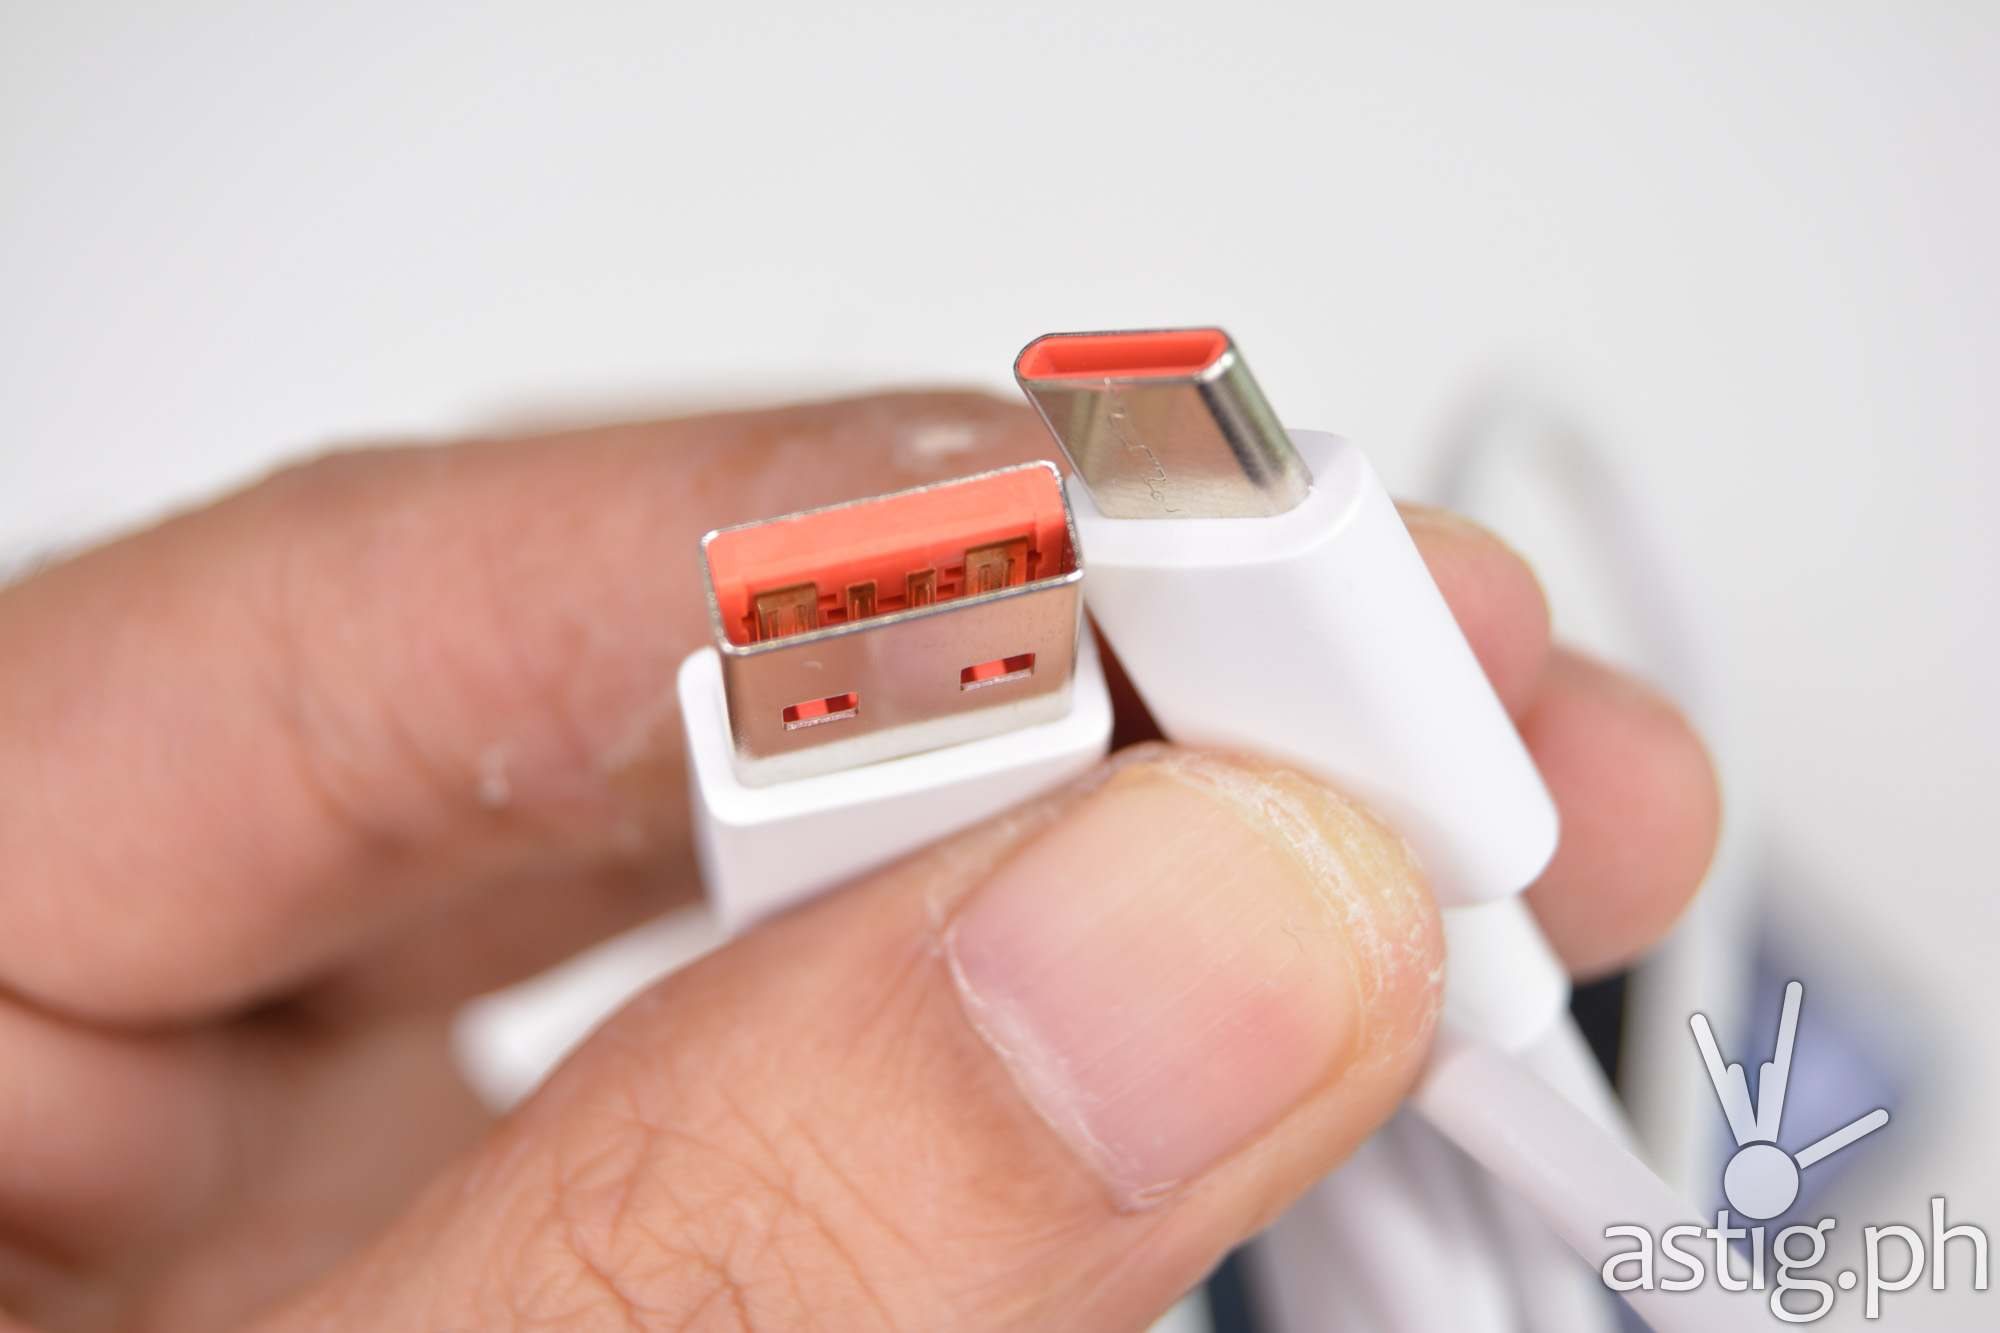 USB Type-C cable - 202009 POCO X3 NFC (Philippines)